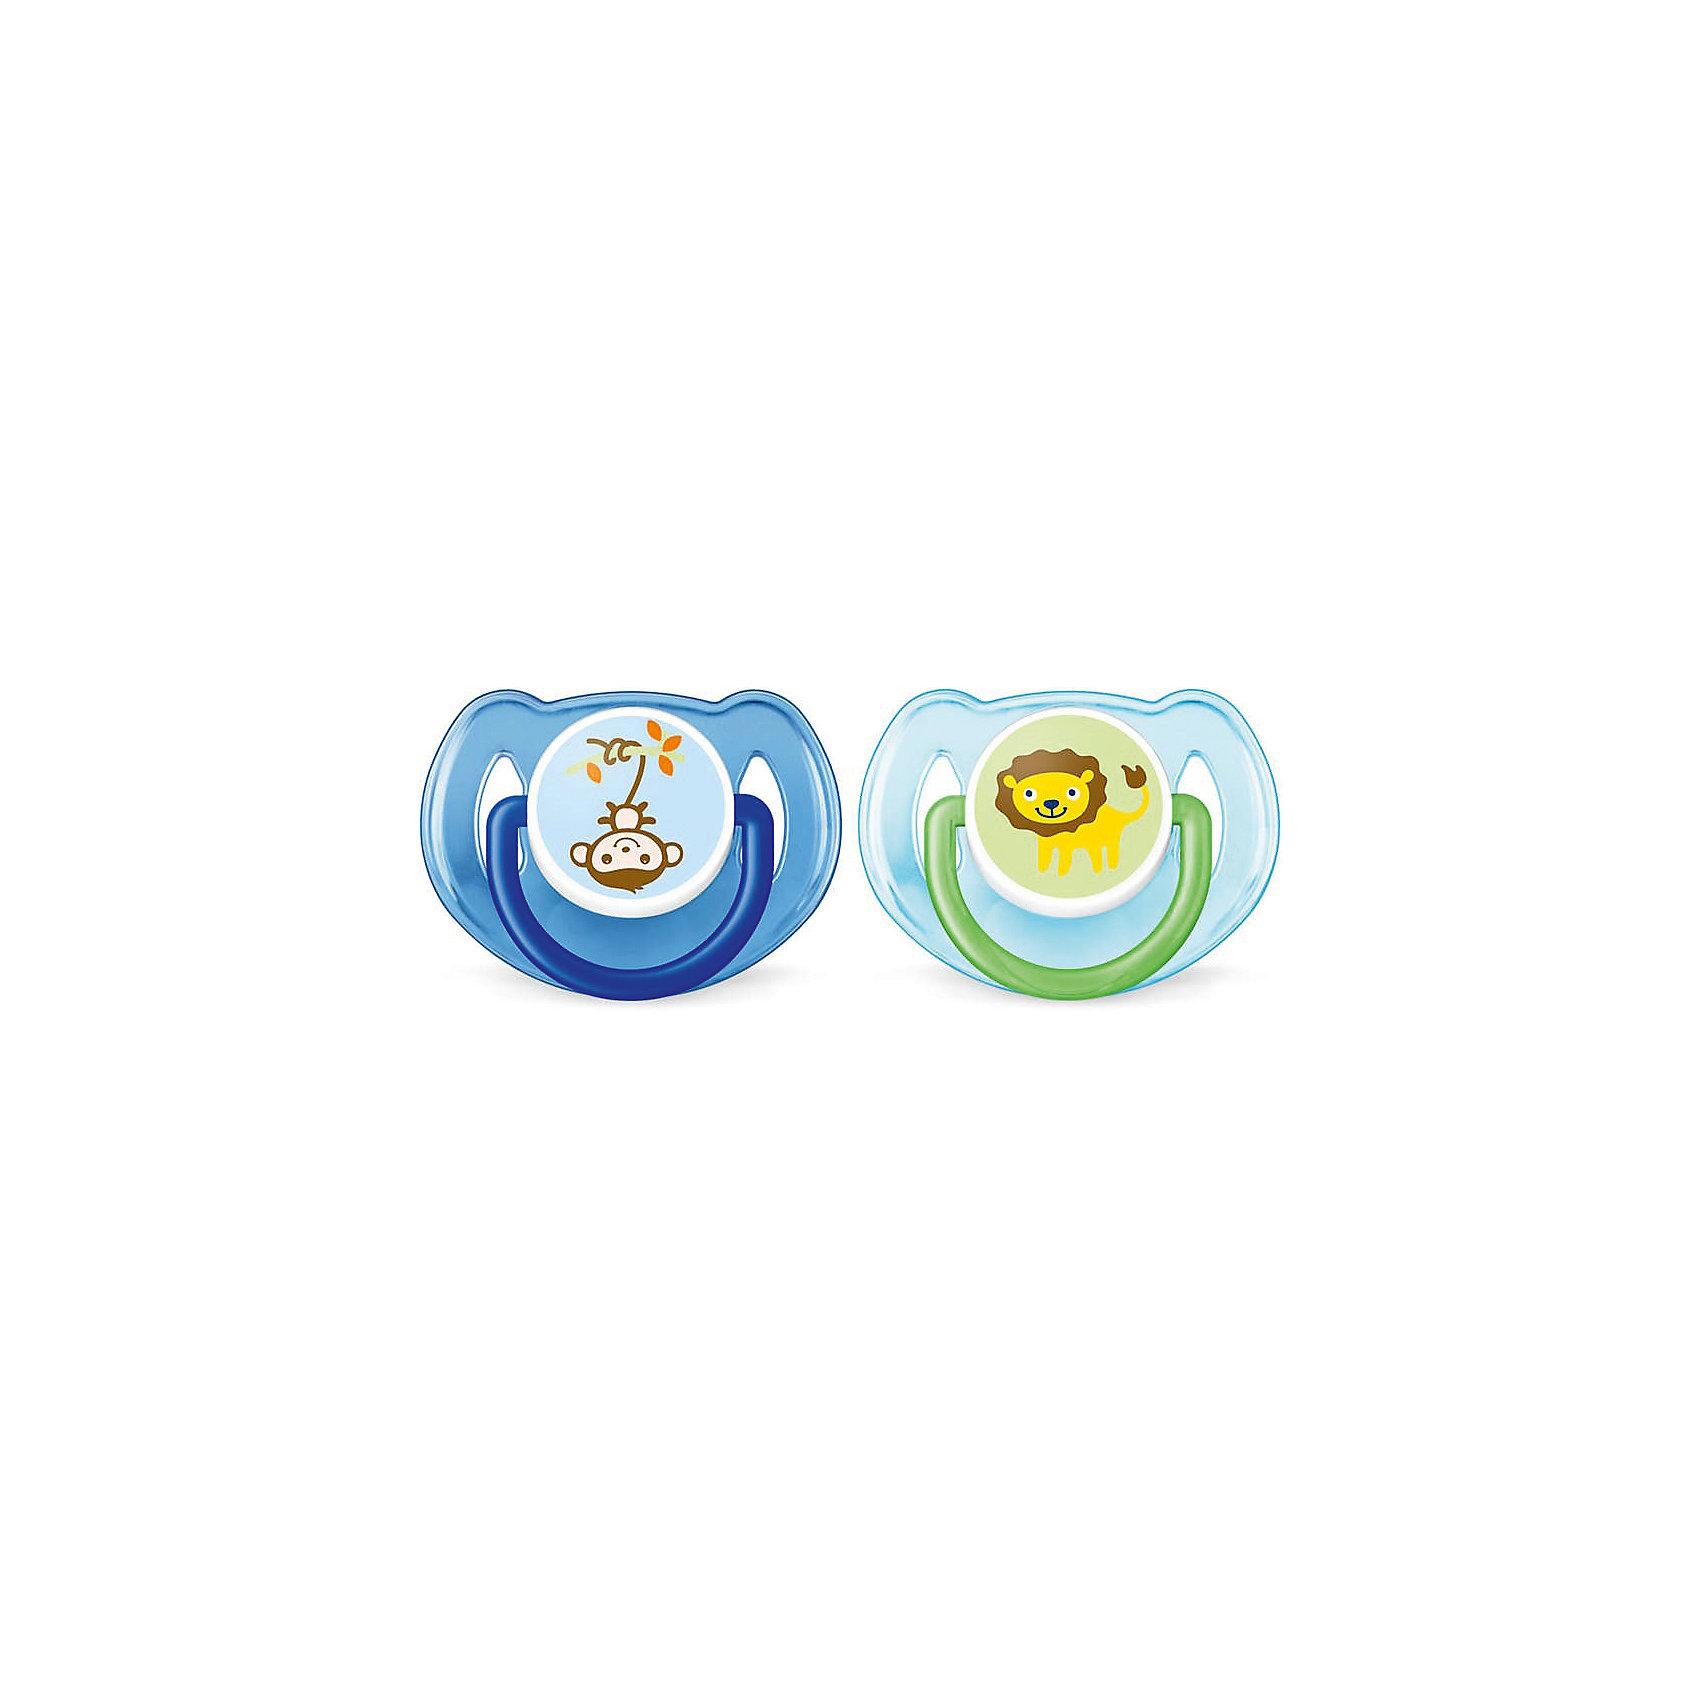 Силиконова пустышка Classic, 6-18 мес., 2 шт., Philips Avent, синий/голубой (SCF197/22)Пустышки и аксессуары<br>Силиконовая пустышка Classic, 6-18 мес., 2 шт., Philips Avent, синяя/голубая (SCF197/22).<br><br>Характеристика:<br><br>• Материал: силикон, пластик.    <br>• Возраст ребенка: 6-18 мес. <br>• 2 пустышки в комплекте. <br>• Отверстия для вентиляции на щитке.  <br>• Удобное кольцо на щитке. <br>• Не содержит Бисфенол А.<br>• Устойчивая к прокусыванию. <br>• Мягкая симметричная соска. <br><br>Яркая пустышка Classic от Philips Avent подходит для уже подросших малышей. Мягкая силиконовая соска выполнена с учетом особенностей строения и развития неба, зубов и десен ребенка и устойчива к прокусыванию. Круглое пластиковое основание оснащено отверстиями для вентиляции, предотвращающими раздражение нежной кожи крохи. Пустышка изготовлена из высококачественных нетоксичных материалов, в производстве которых не используется Бисфенол А.<br><br>Силиконовую пустышку Classic, 6-18 мес., 2 шт., Philips Avent, синюю/голубую (SCF197/22), можно купить в нашем интернет-магазине.<br><br>Ширина мм: 48<br>Глубина мм: 104<br>Высота мм: 115<br>Вес г: 58<br>Возраст от месяцев: 6<br>Возраст до месяцев: 18<br>Пол: Мужской<br>Возраст: Детский<br>SKU: 5253035